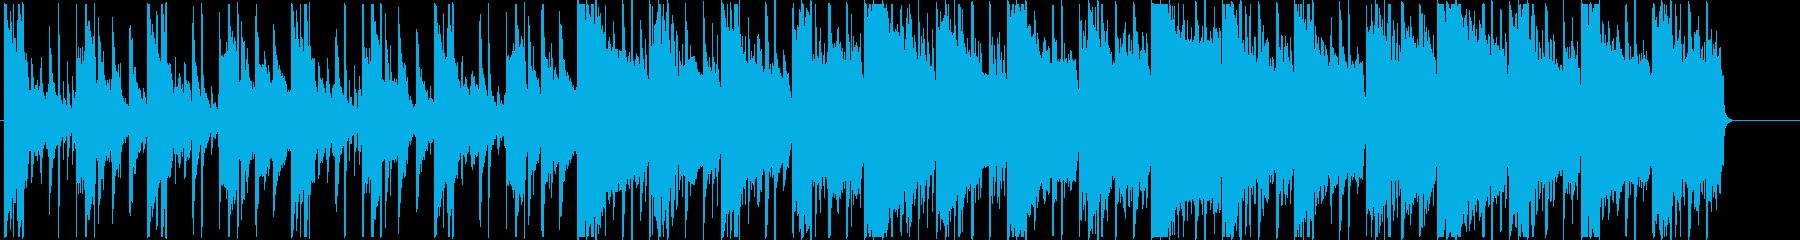 哀愁を感じるチルアウト系のR&Bの再生済みの波形